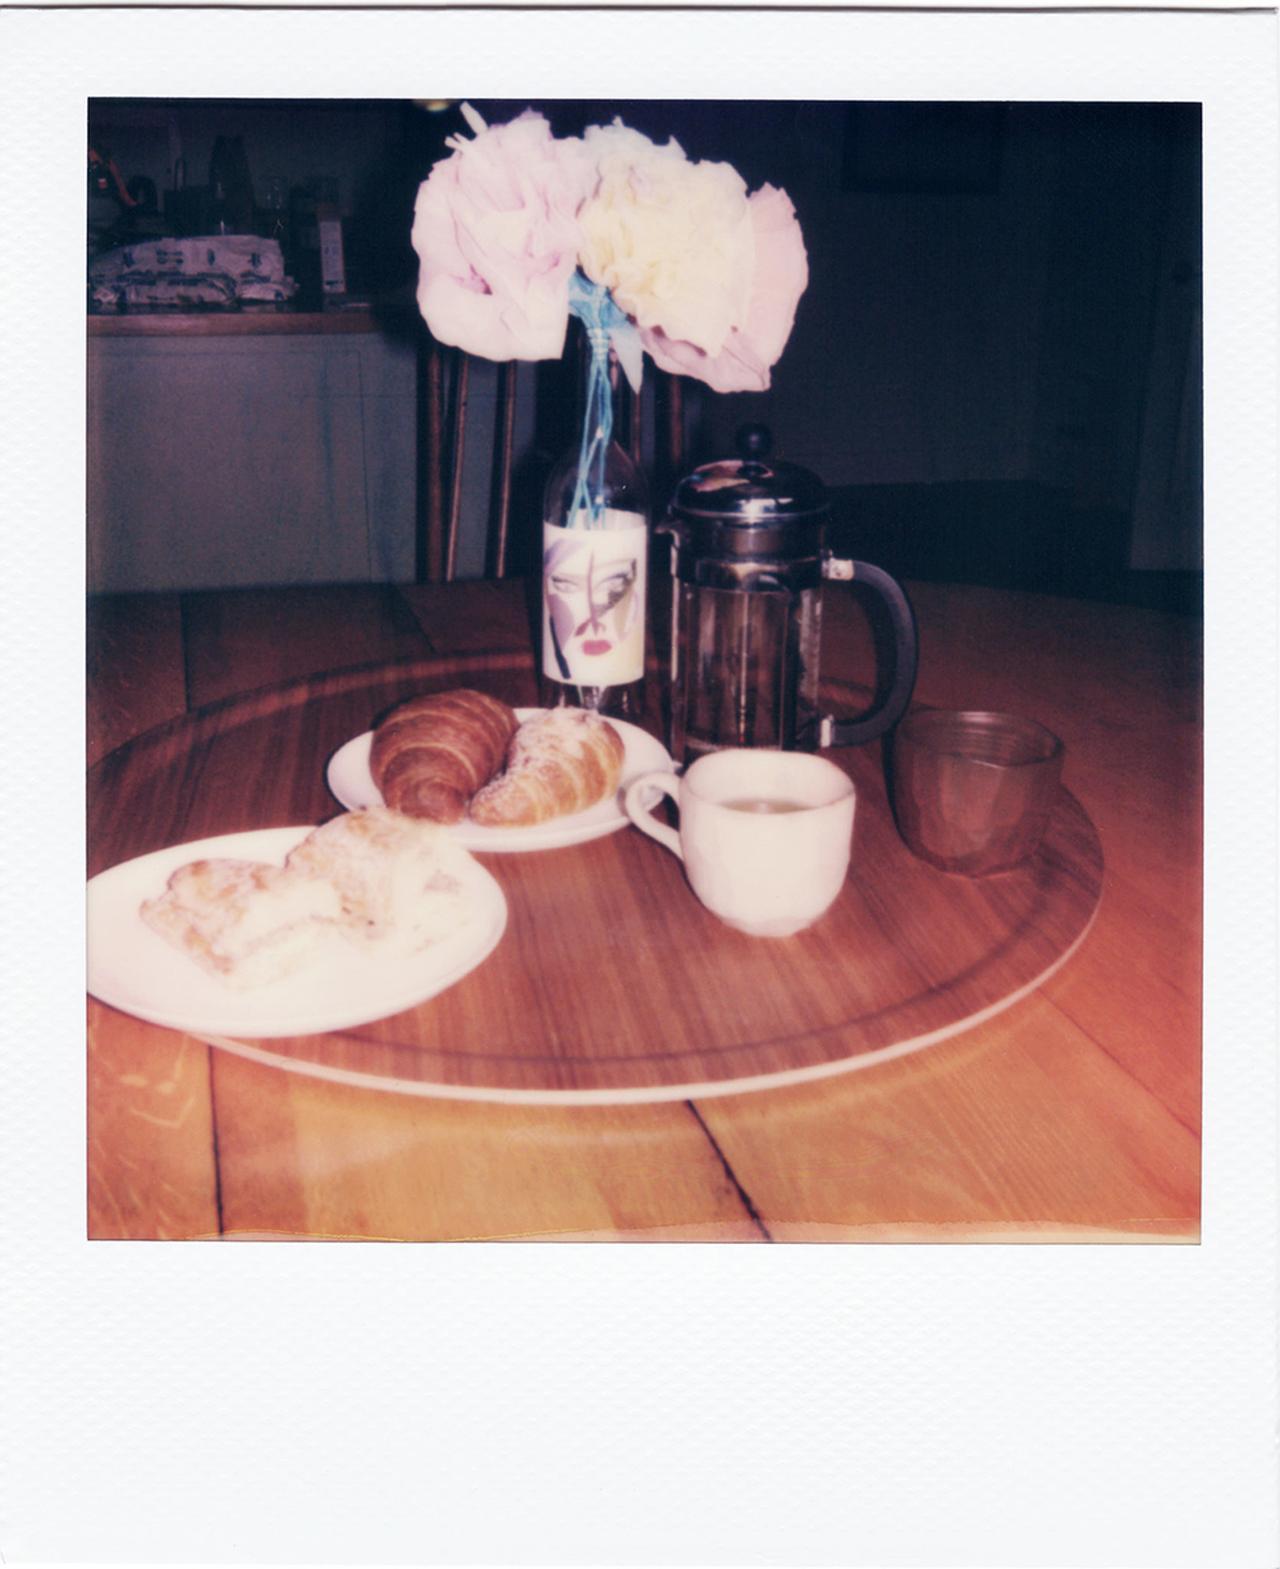 Images : 8番目の画像 - 「ポラロイド写真で綴る ミカリーン・トーマスの一週間」のアルバム - T JAPAN:The New York Times Style Magazine 公式サイト